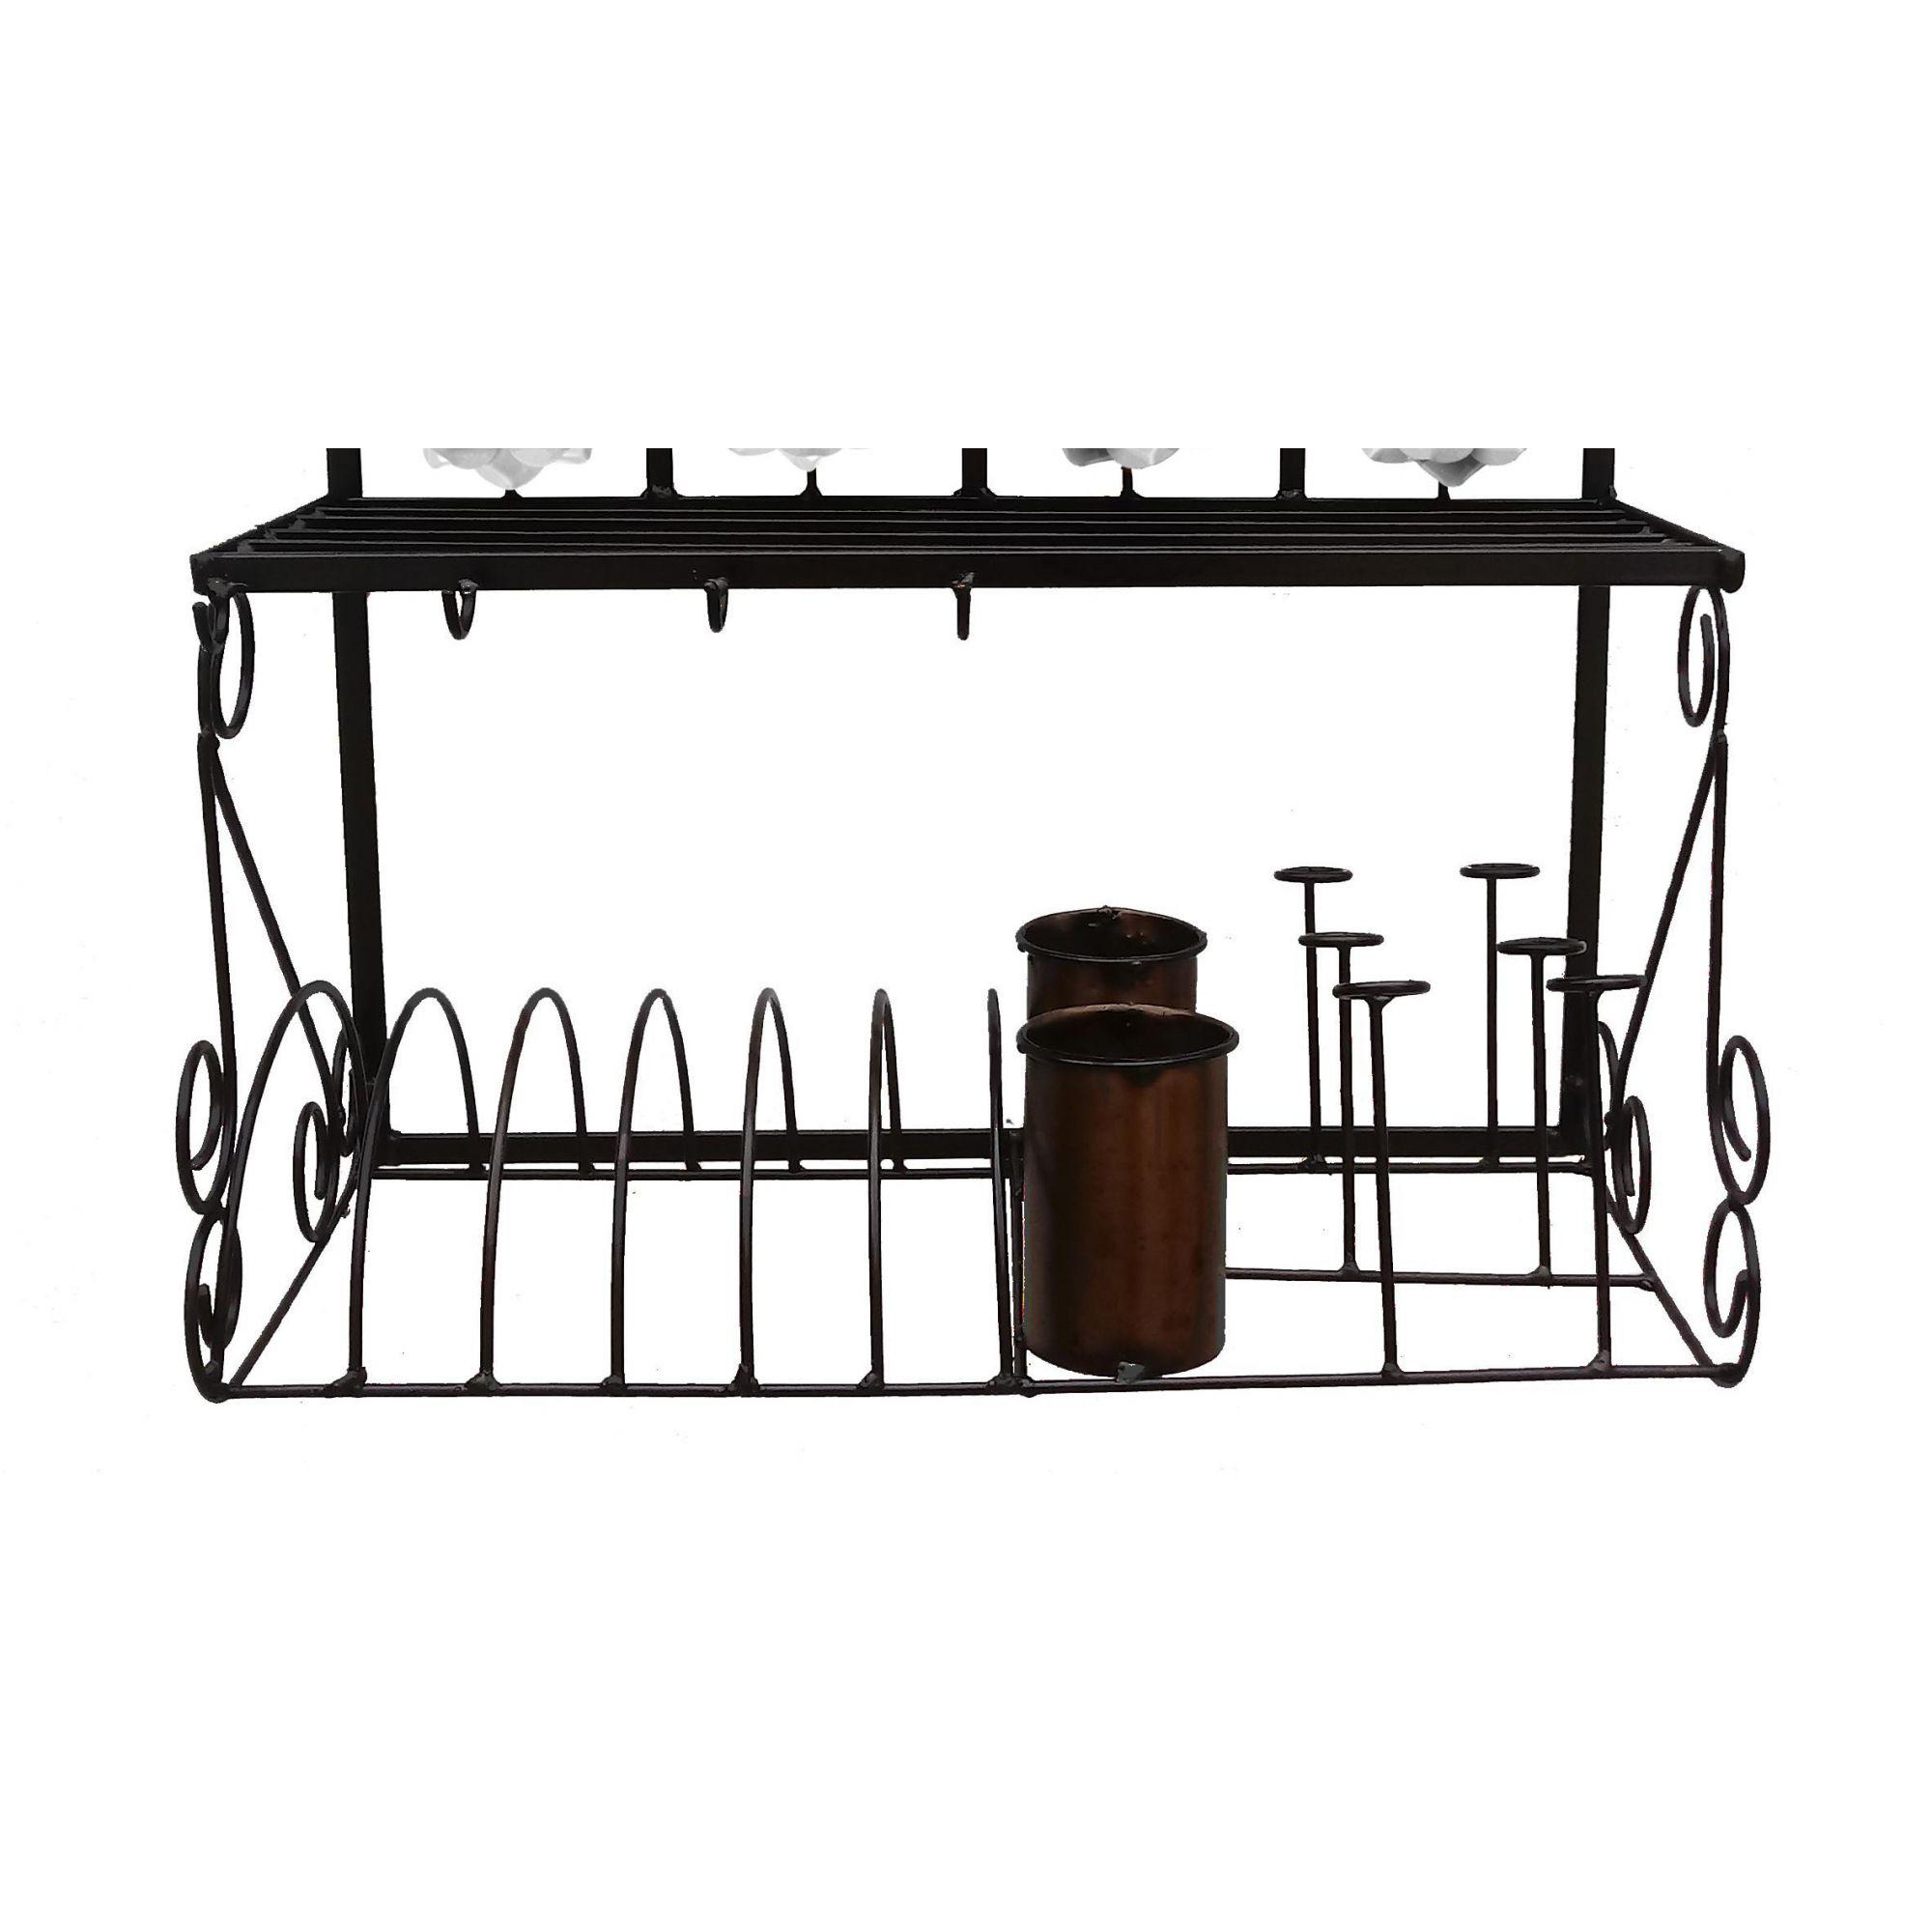 Paneleiro Decorativo Para Cozinha Colonial Artesanato em Ferro